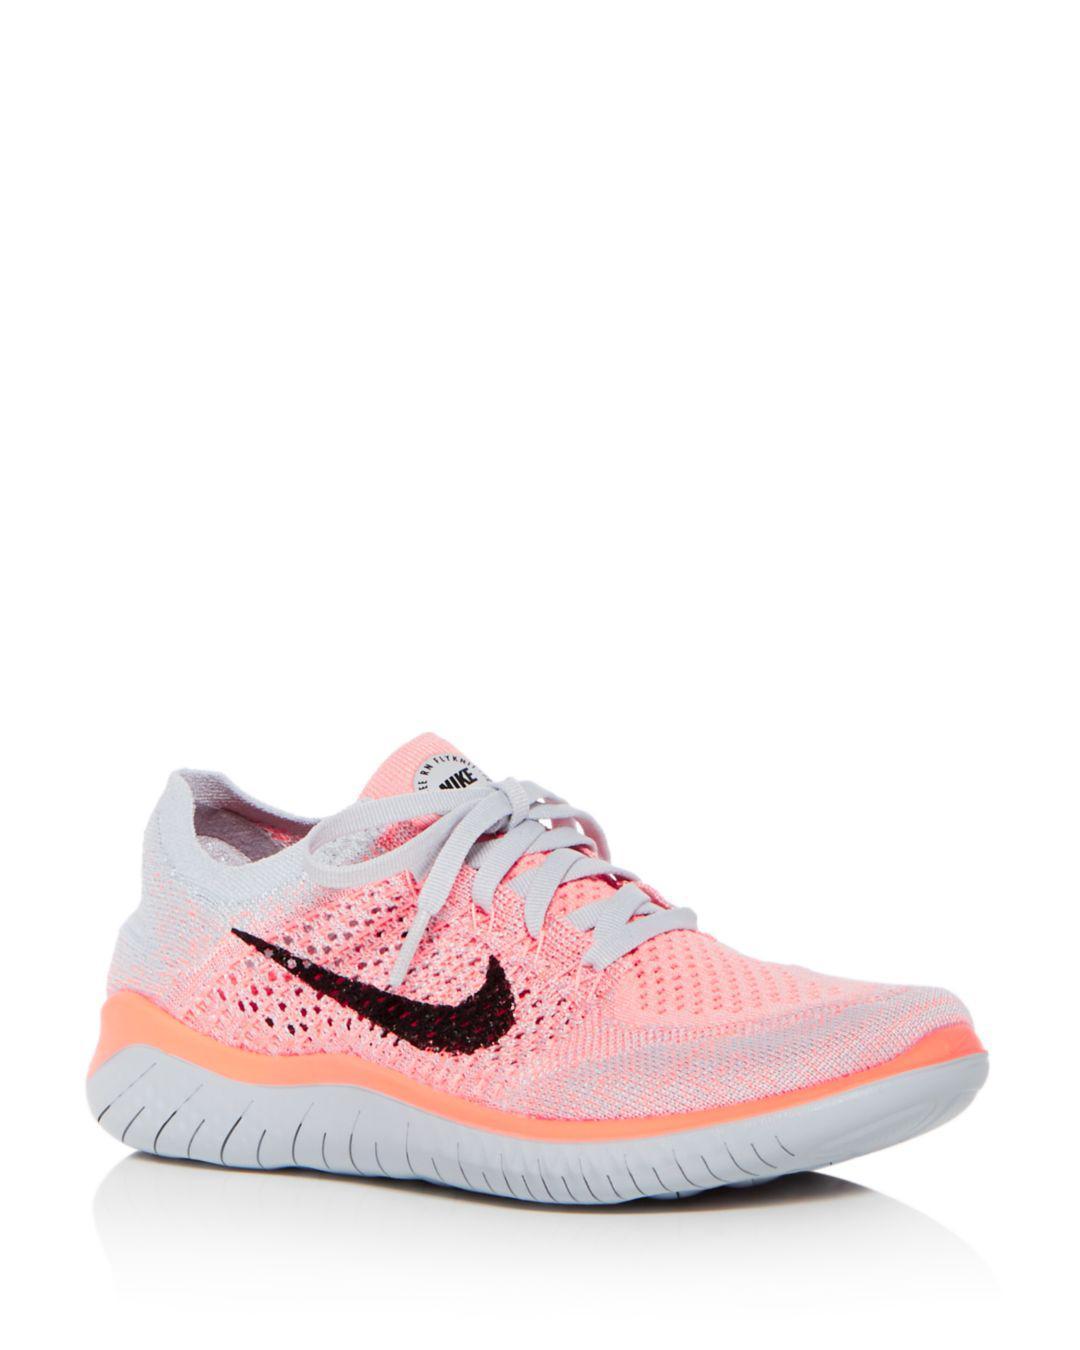 73146e9c8b9e Lyst - Nike Women s Free Rn Flyknit 2018 Lace Up Sneakers